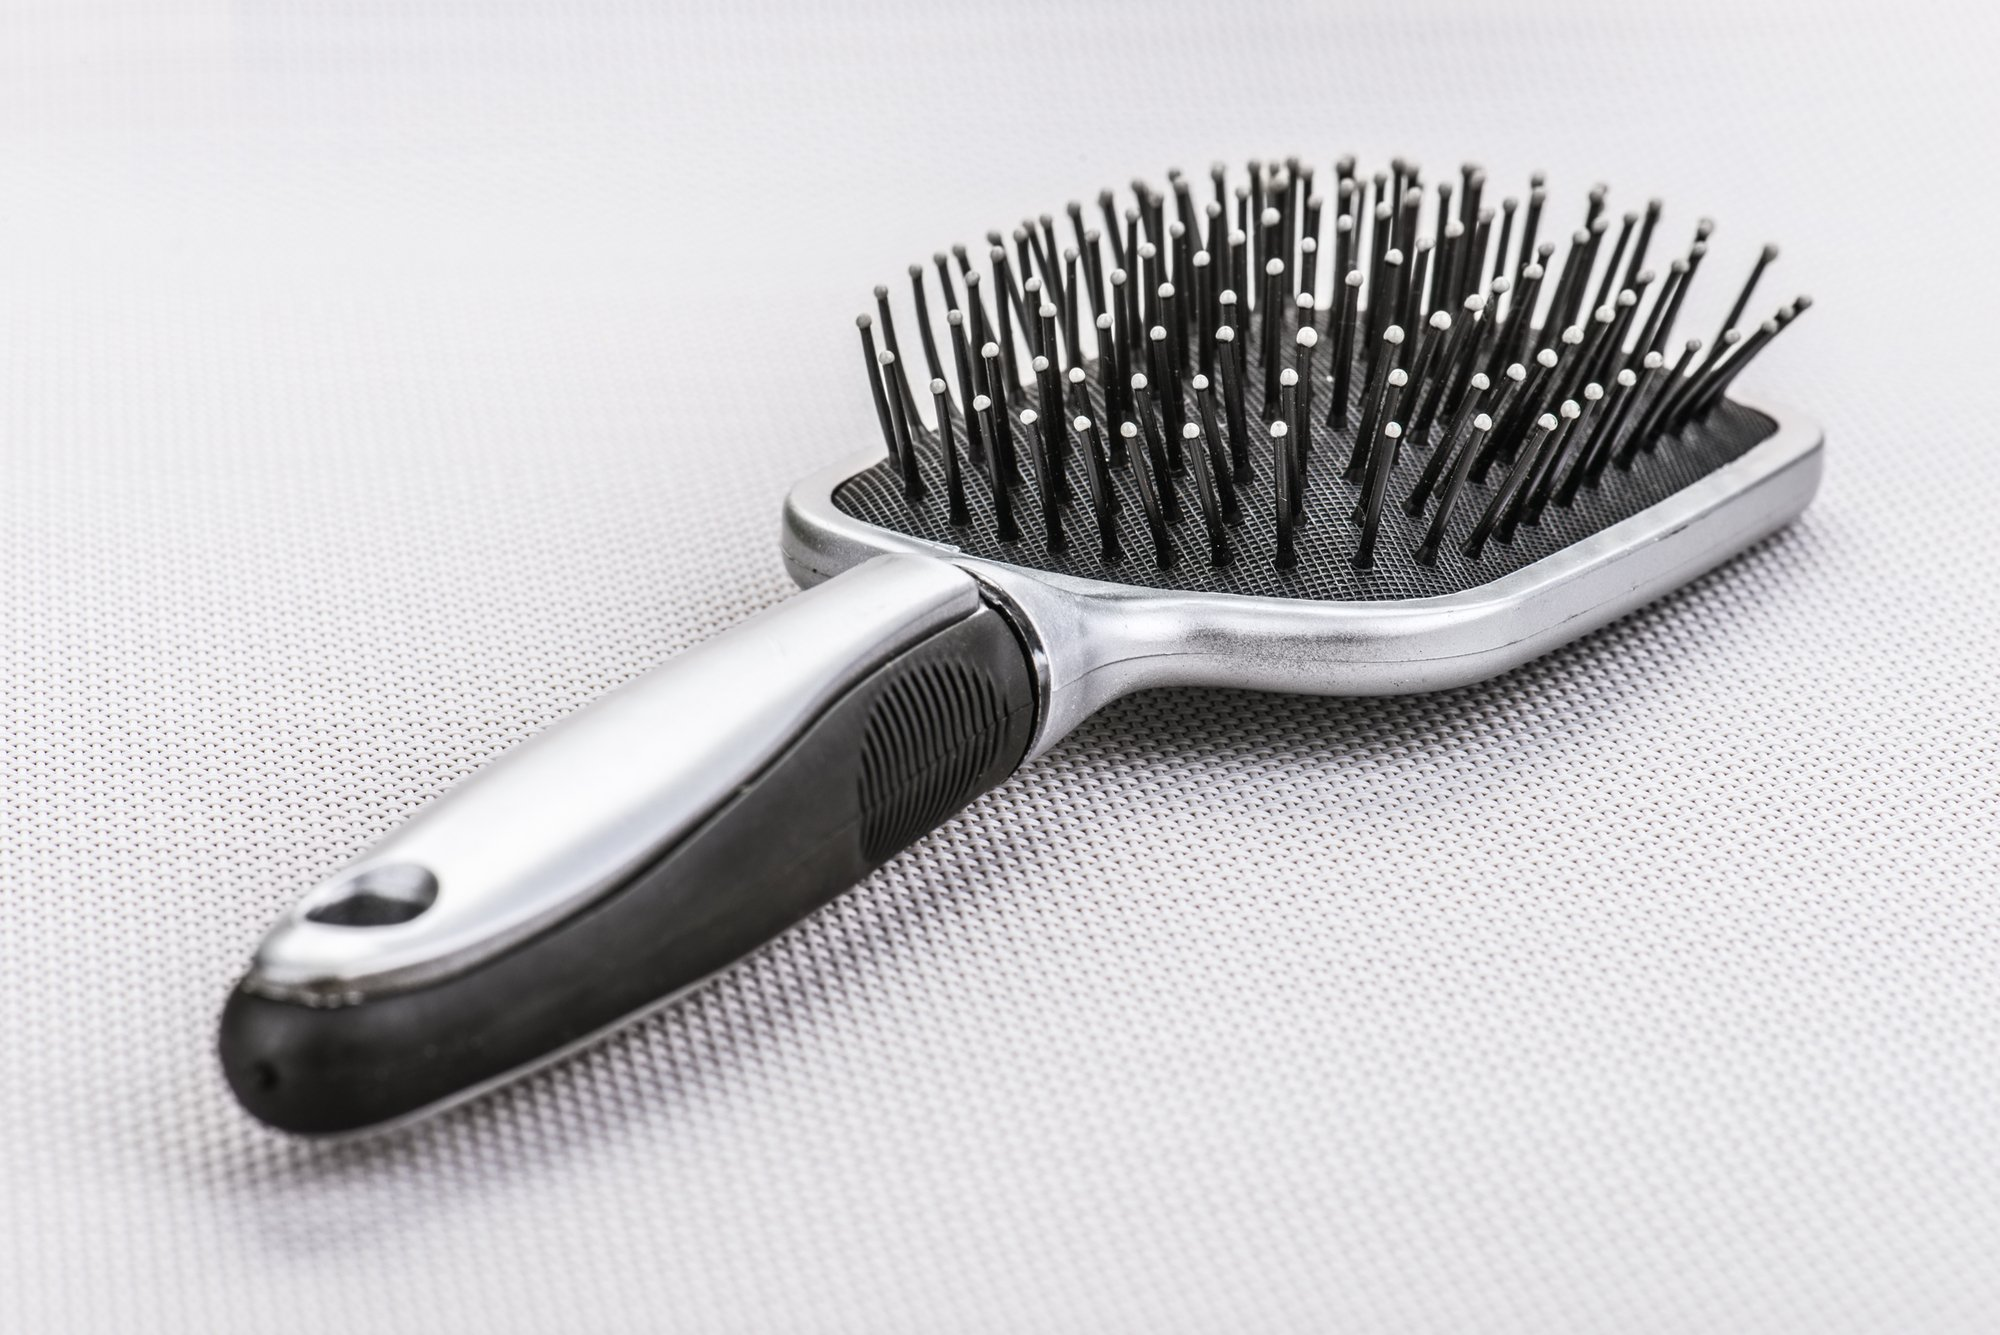 выбрать правильную расческу для волос